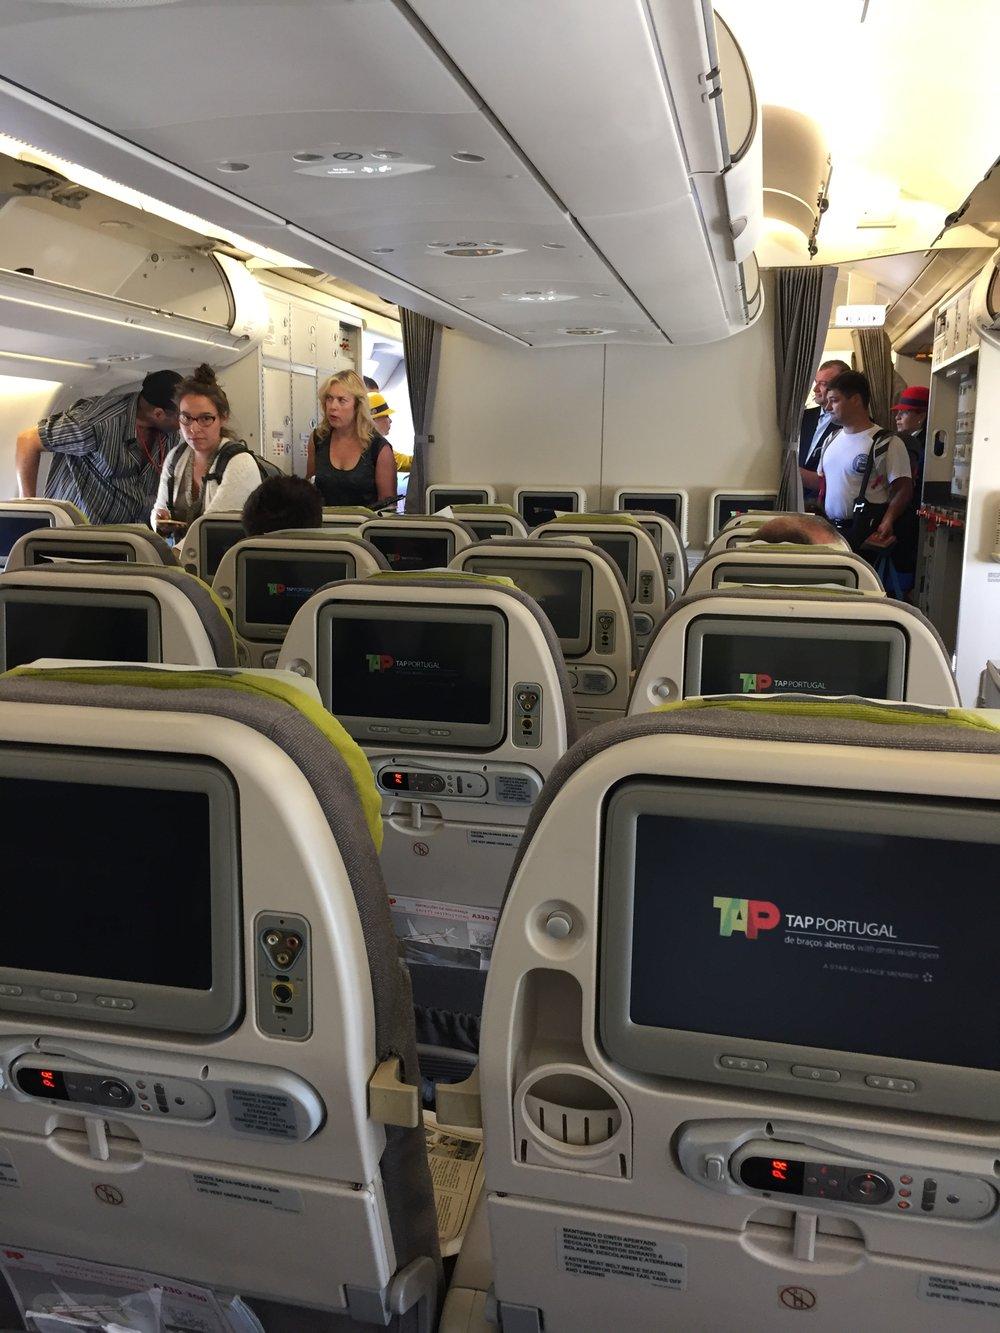 TAP economy cabin.JPG